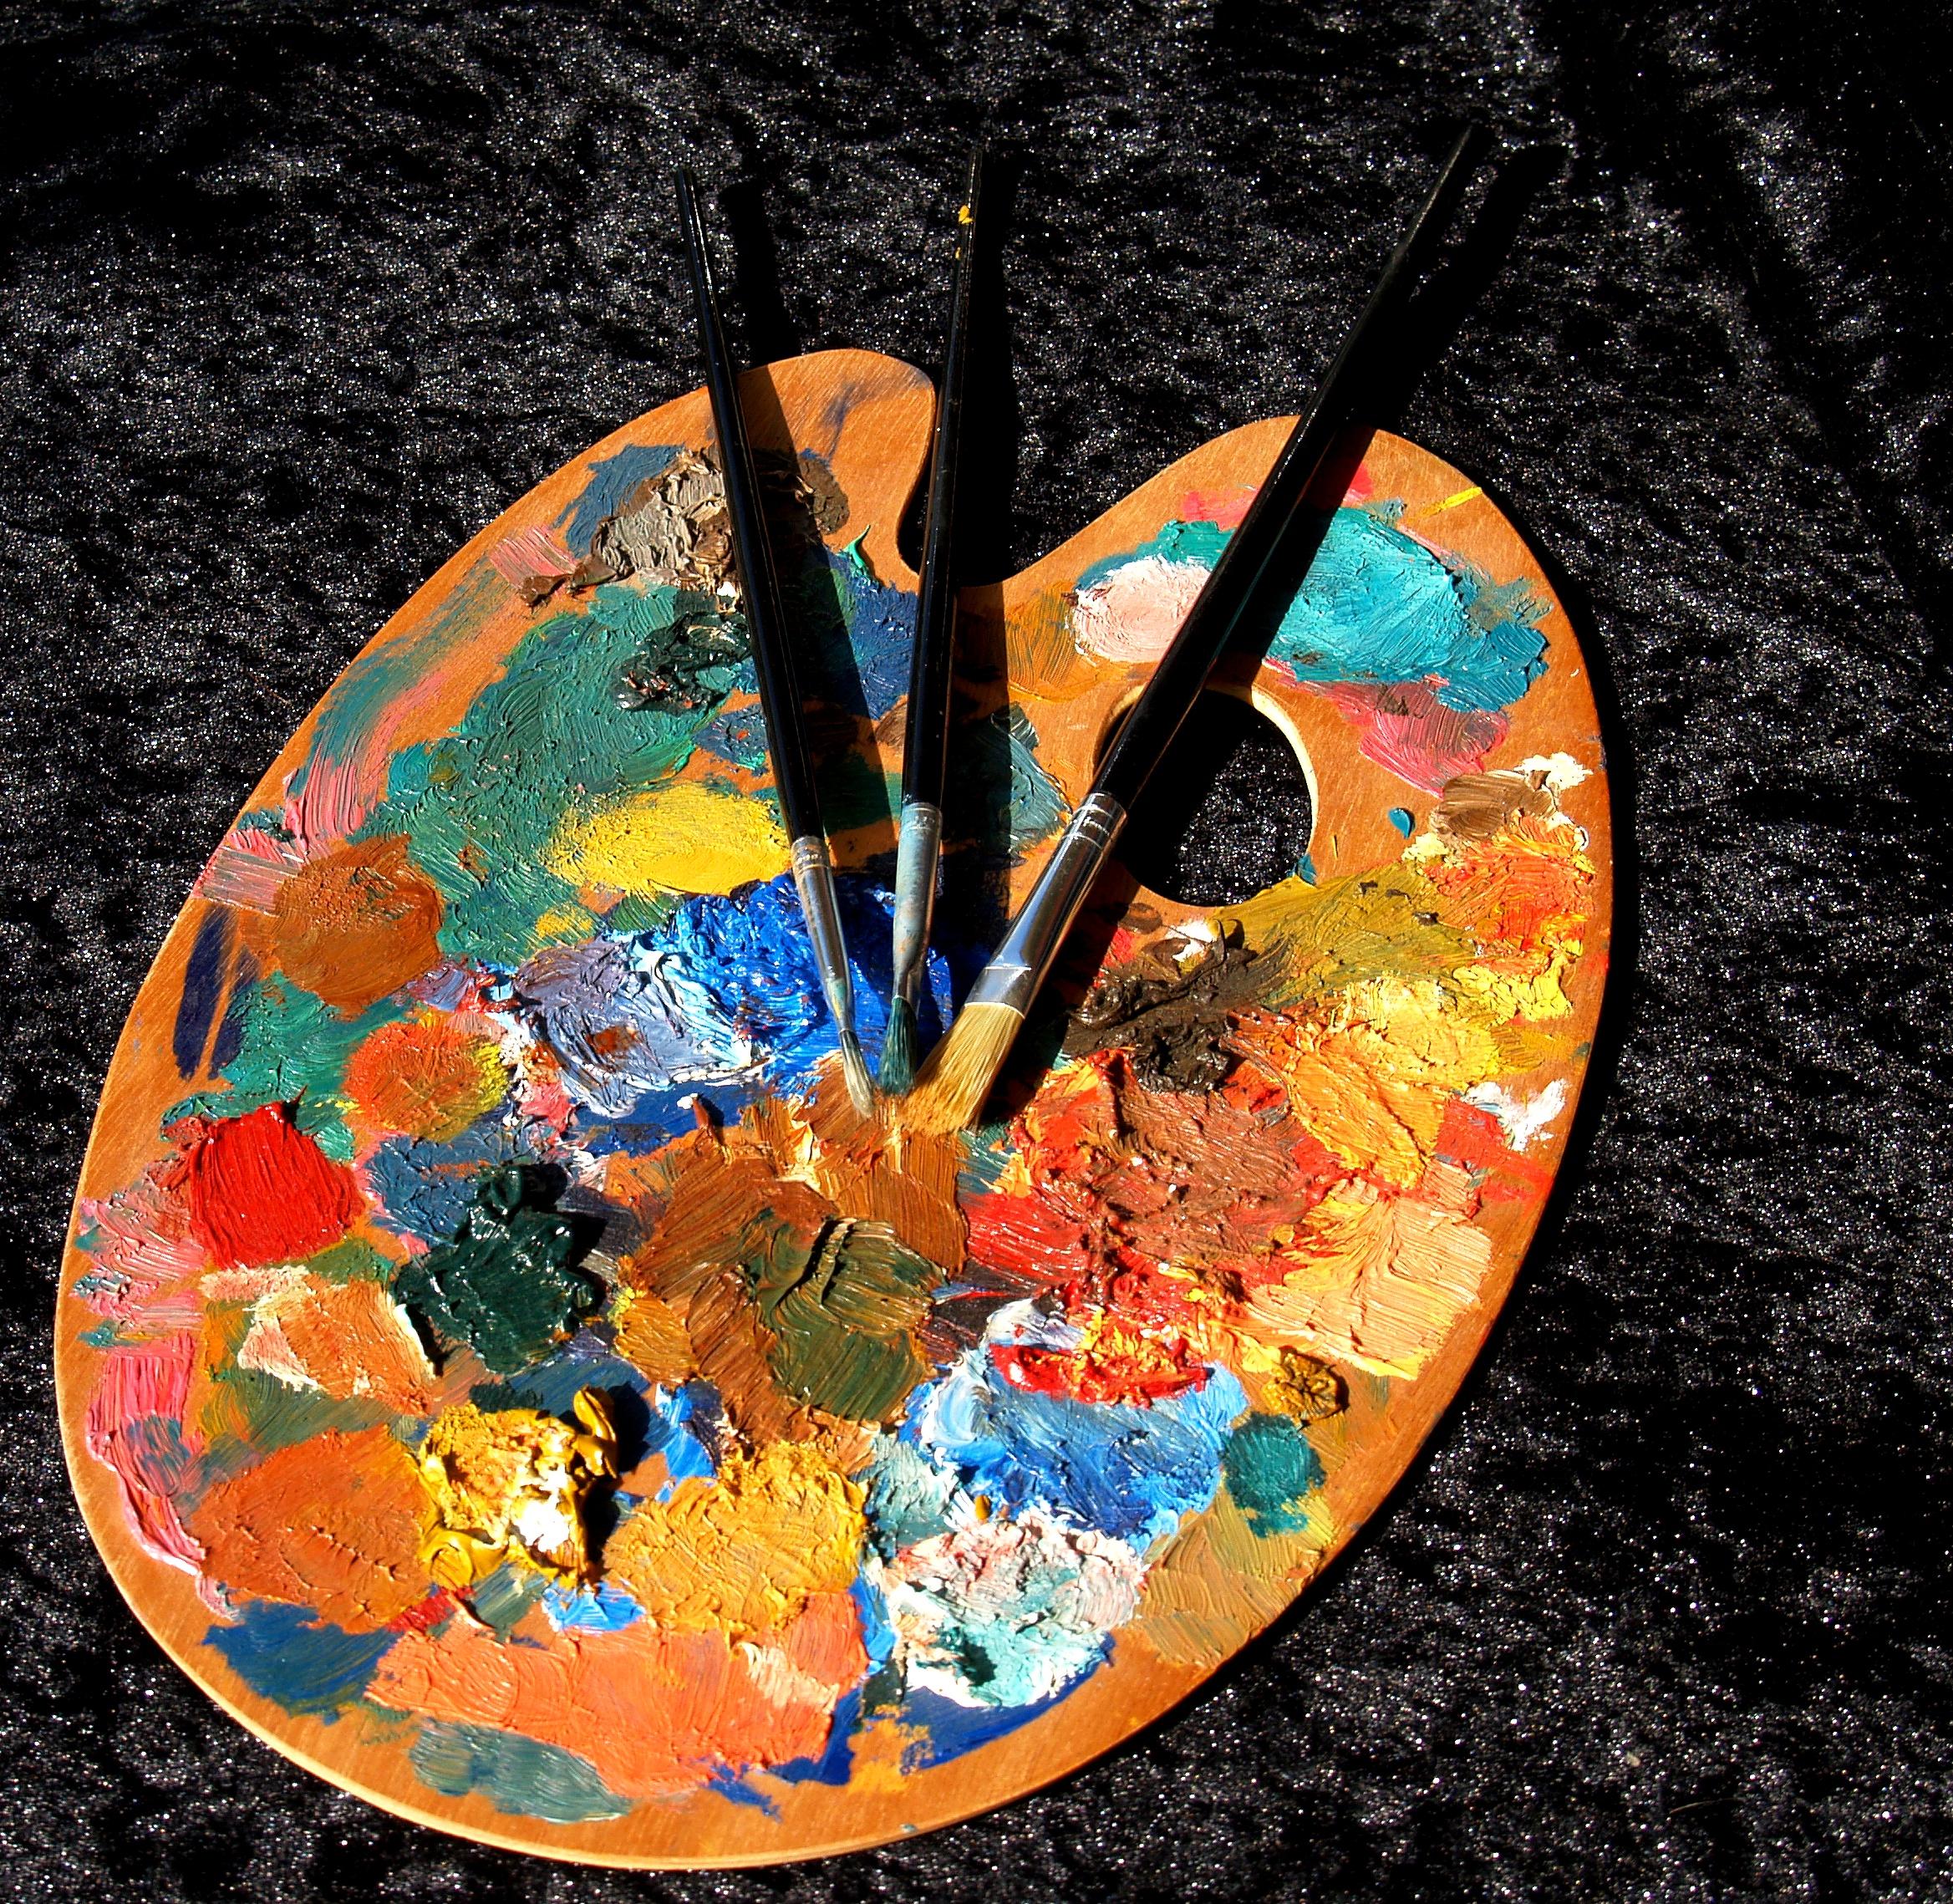 Descubre las mejores marcas de pintura para usar en el interior de tu hogar, ya sea en paredes, muebles u otras superficies. Descubre las mejores marcas de pintura para usar en el interior de tu hogar, ya sea en paredes, muebles u otras superficies. Las 4 mejores marcas de pintura. Buscar.